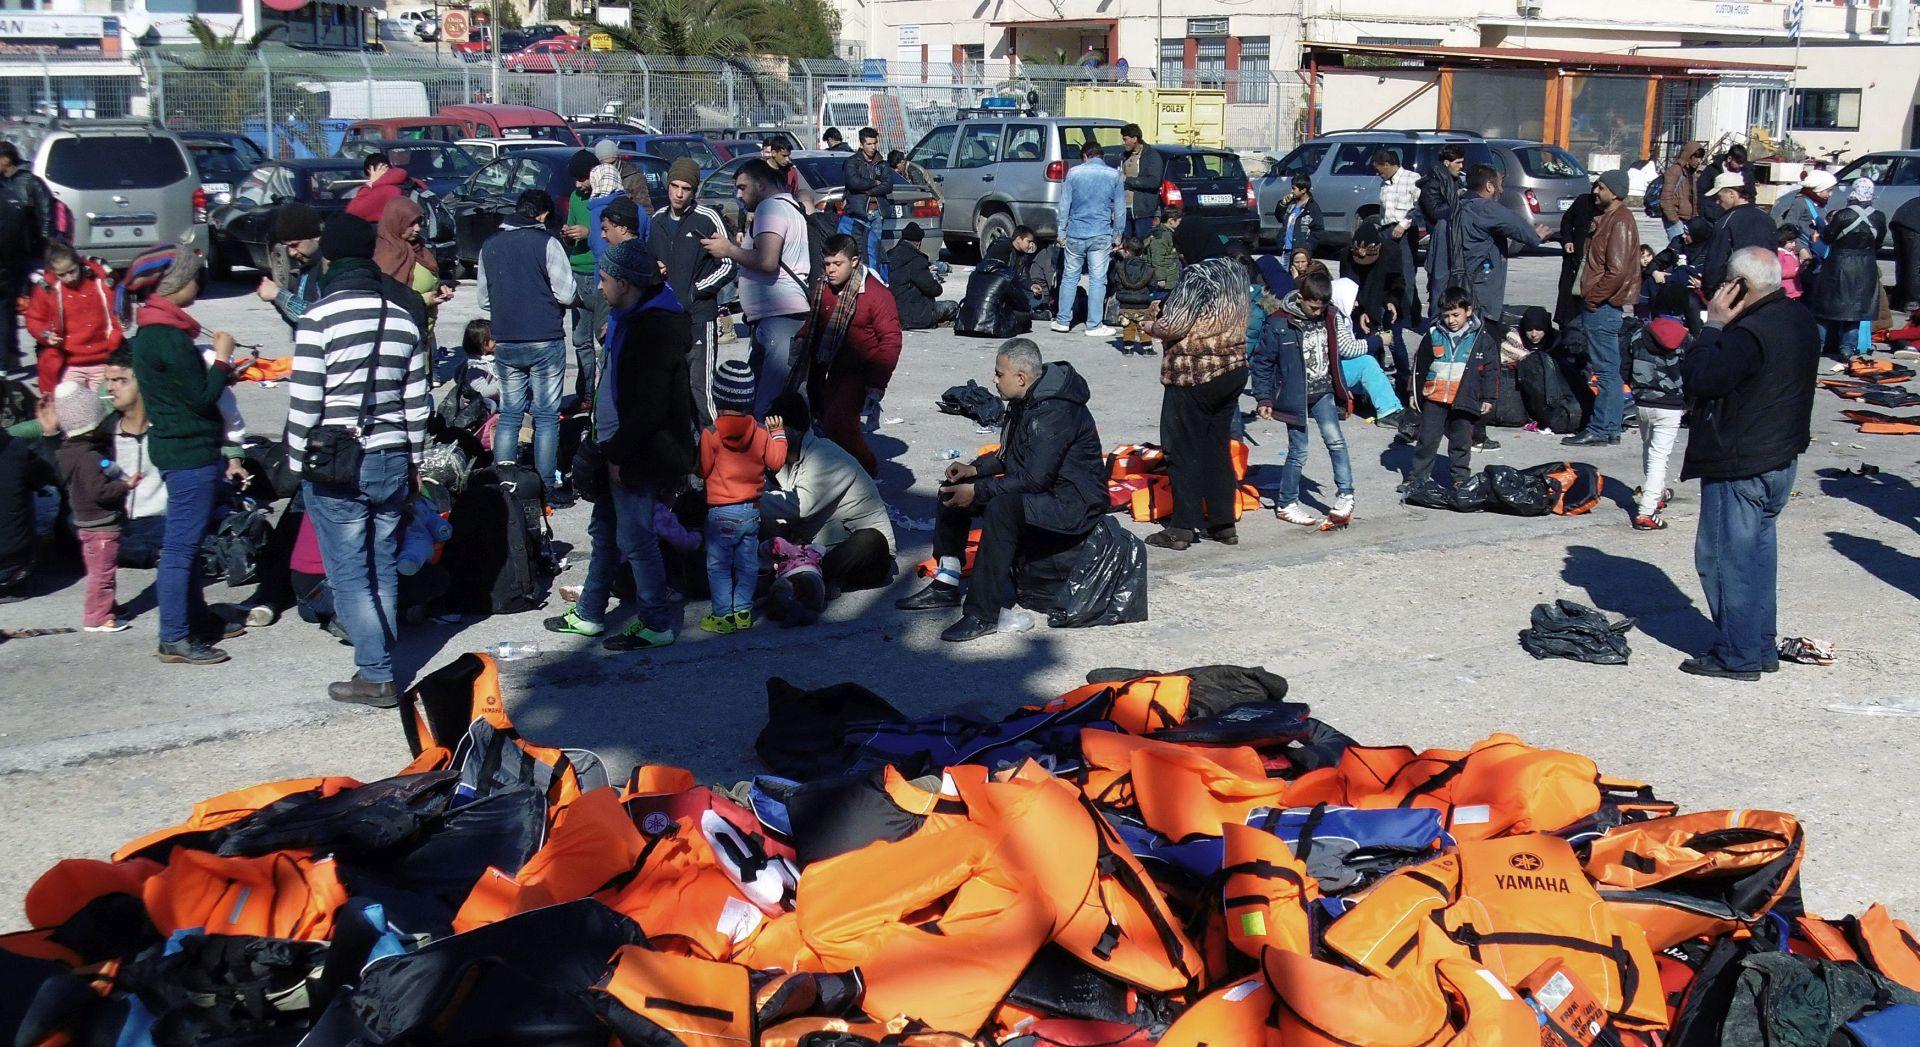 EUROPSKA KOMISIJA: Prve preporuke Grčkoj glede upravljanja migrantskom krizom